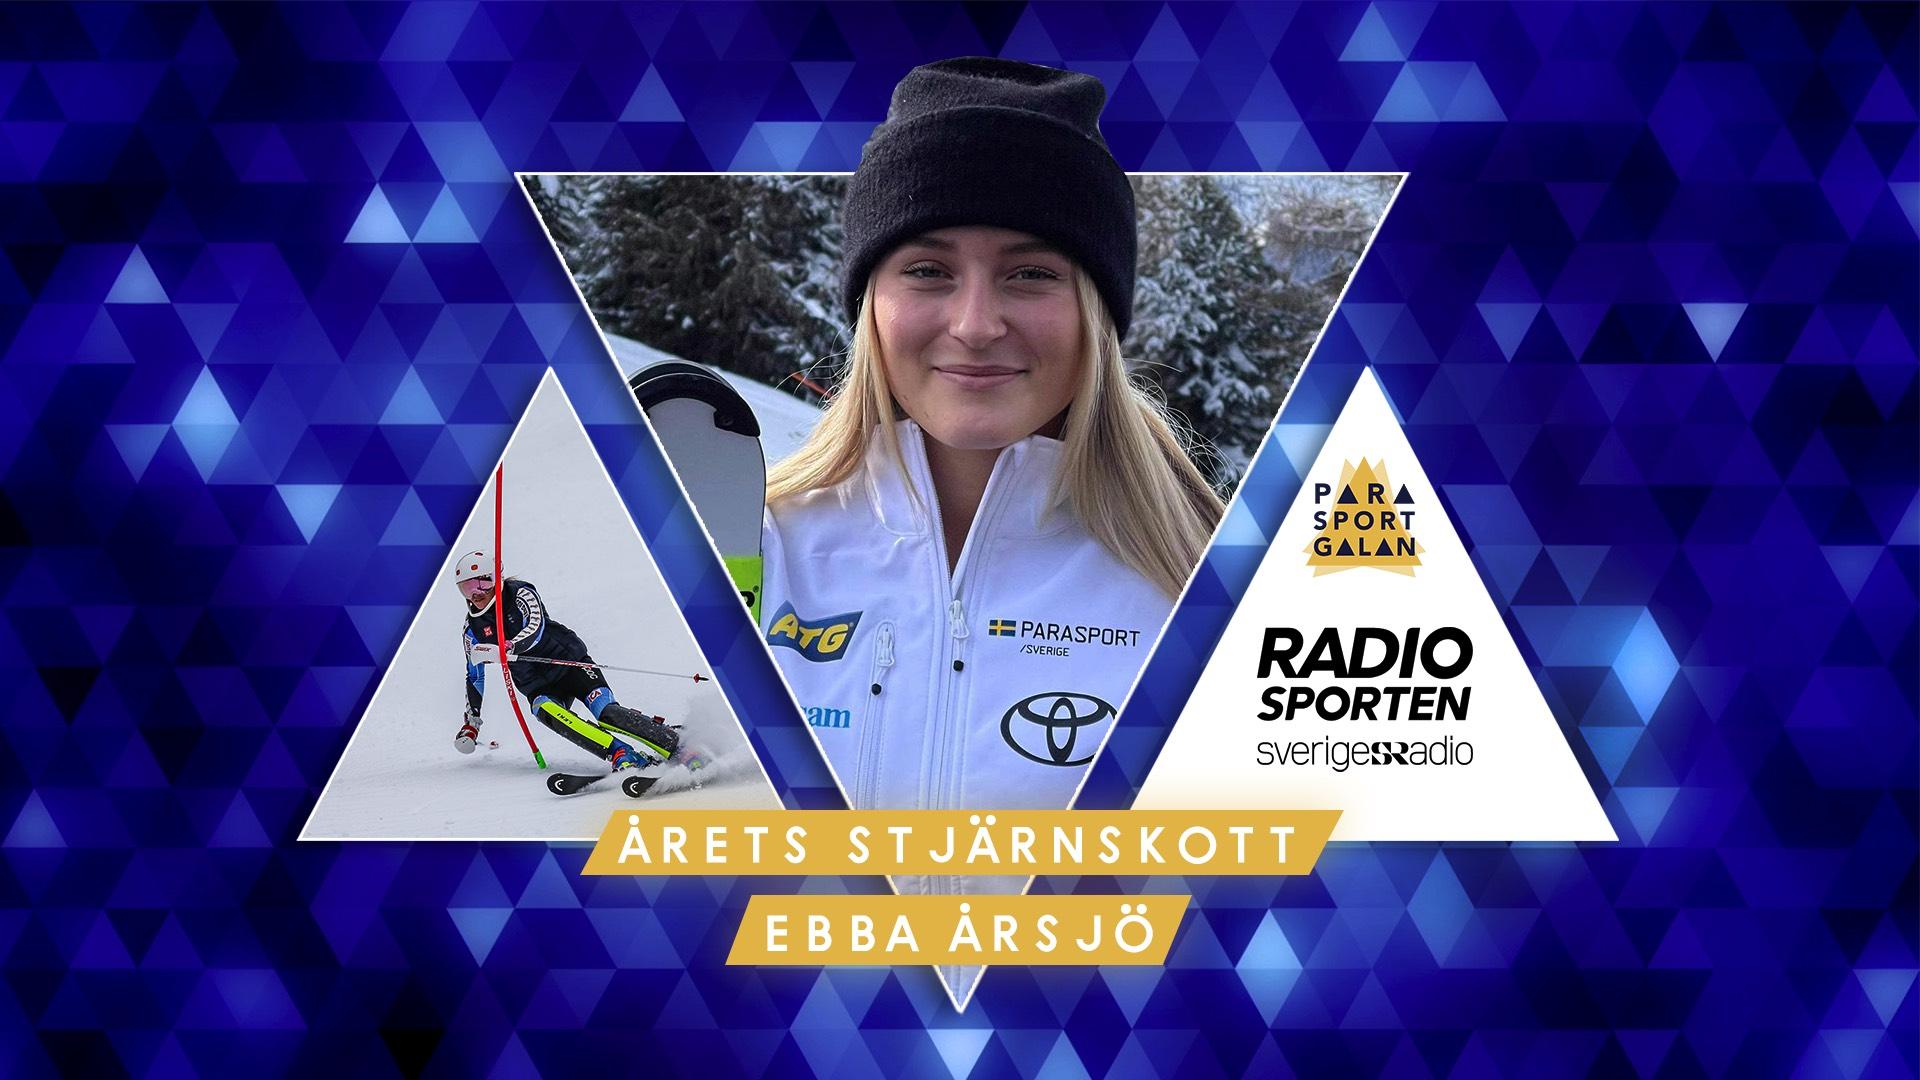 Ebba Årsjö - Årets Stjärnskott